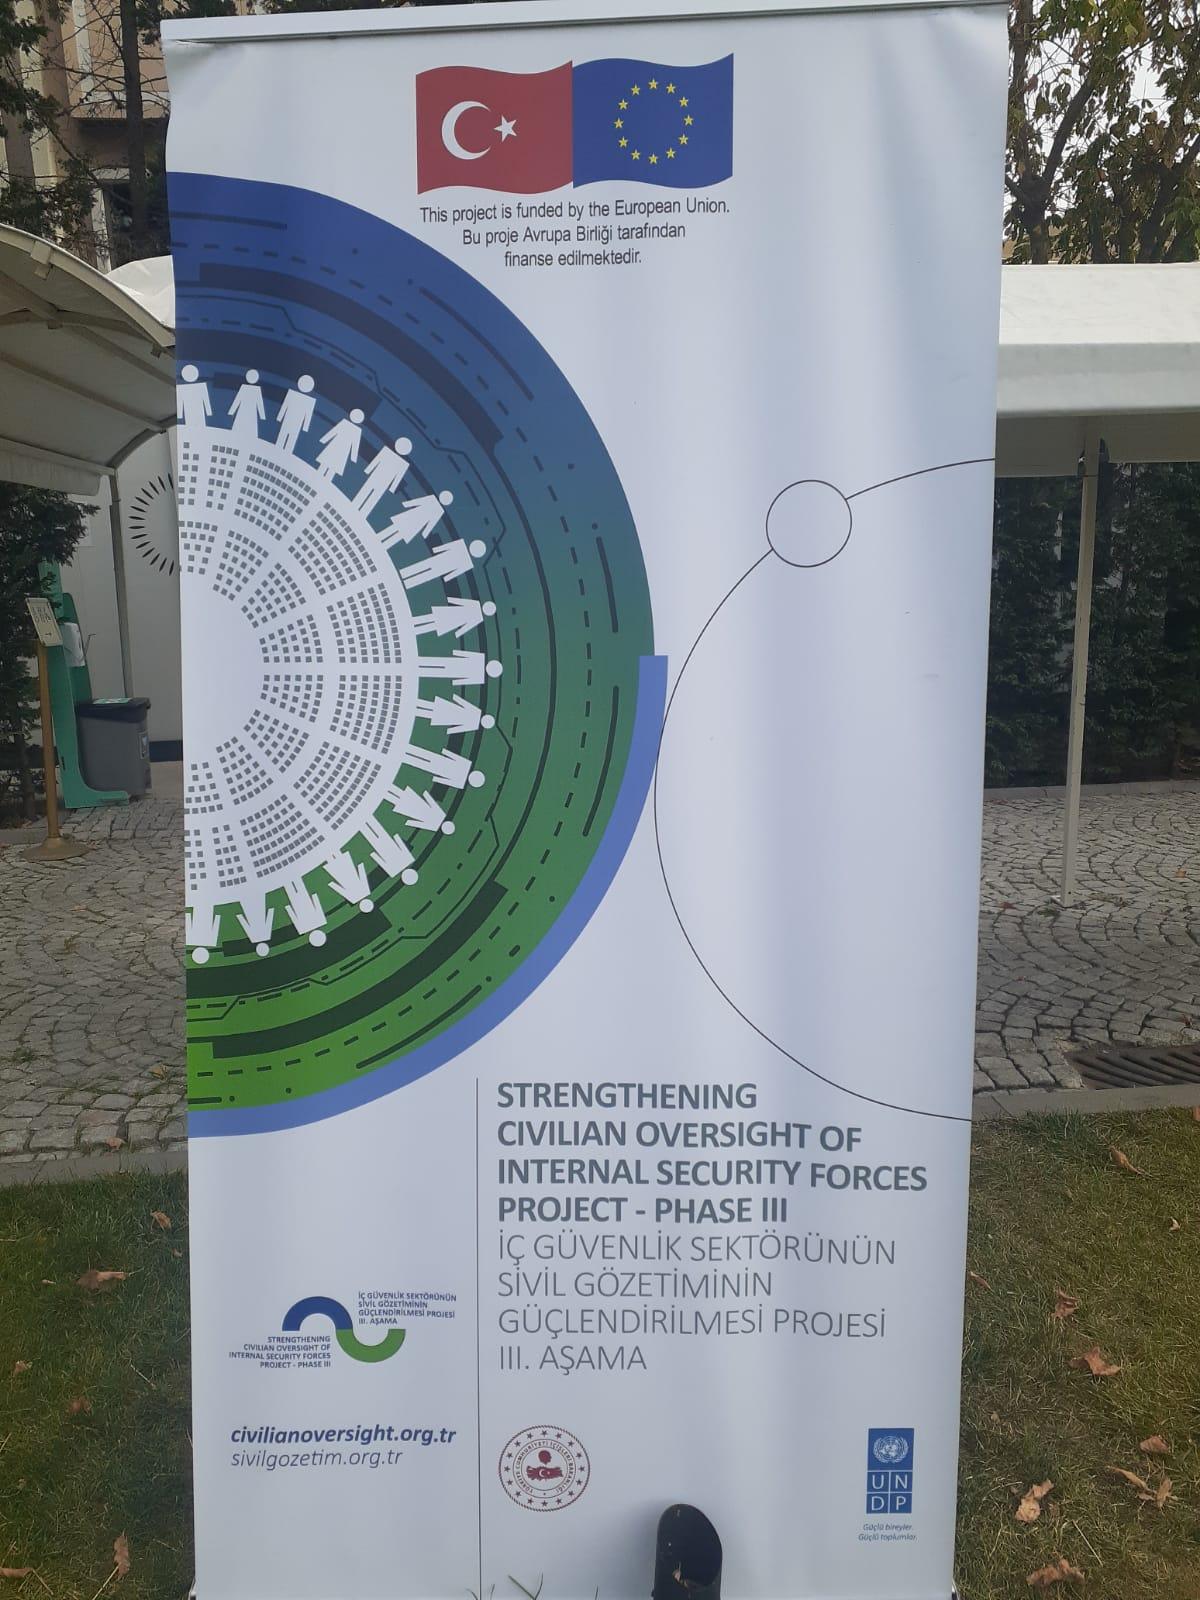 Derneğimiz , Avrupa Birliği tarafından finanse edilen , iç güvenlik sektörünün sivil gözetiminin güçlendirilmesi projesi 3.cü aşaması çalıştayına katıldı